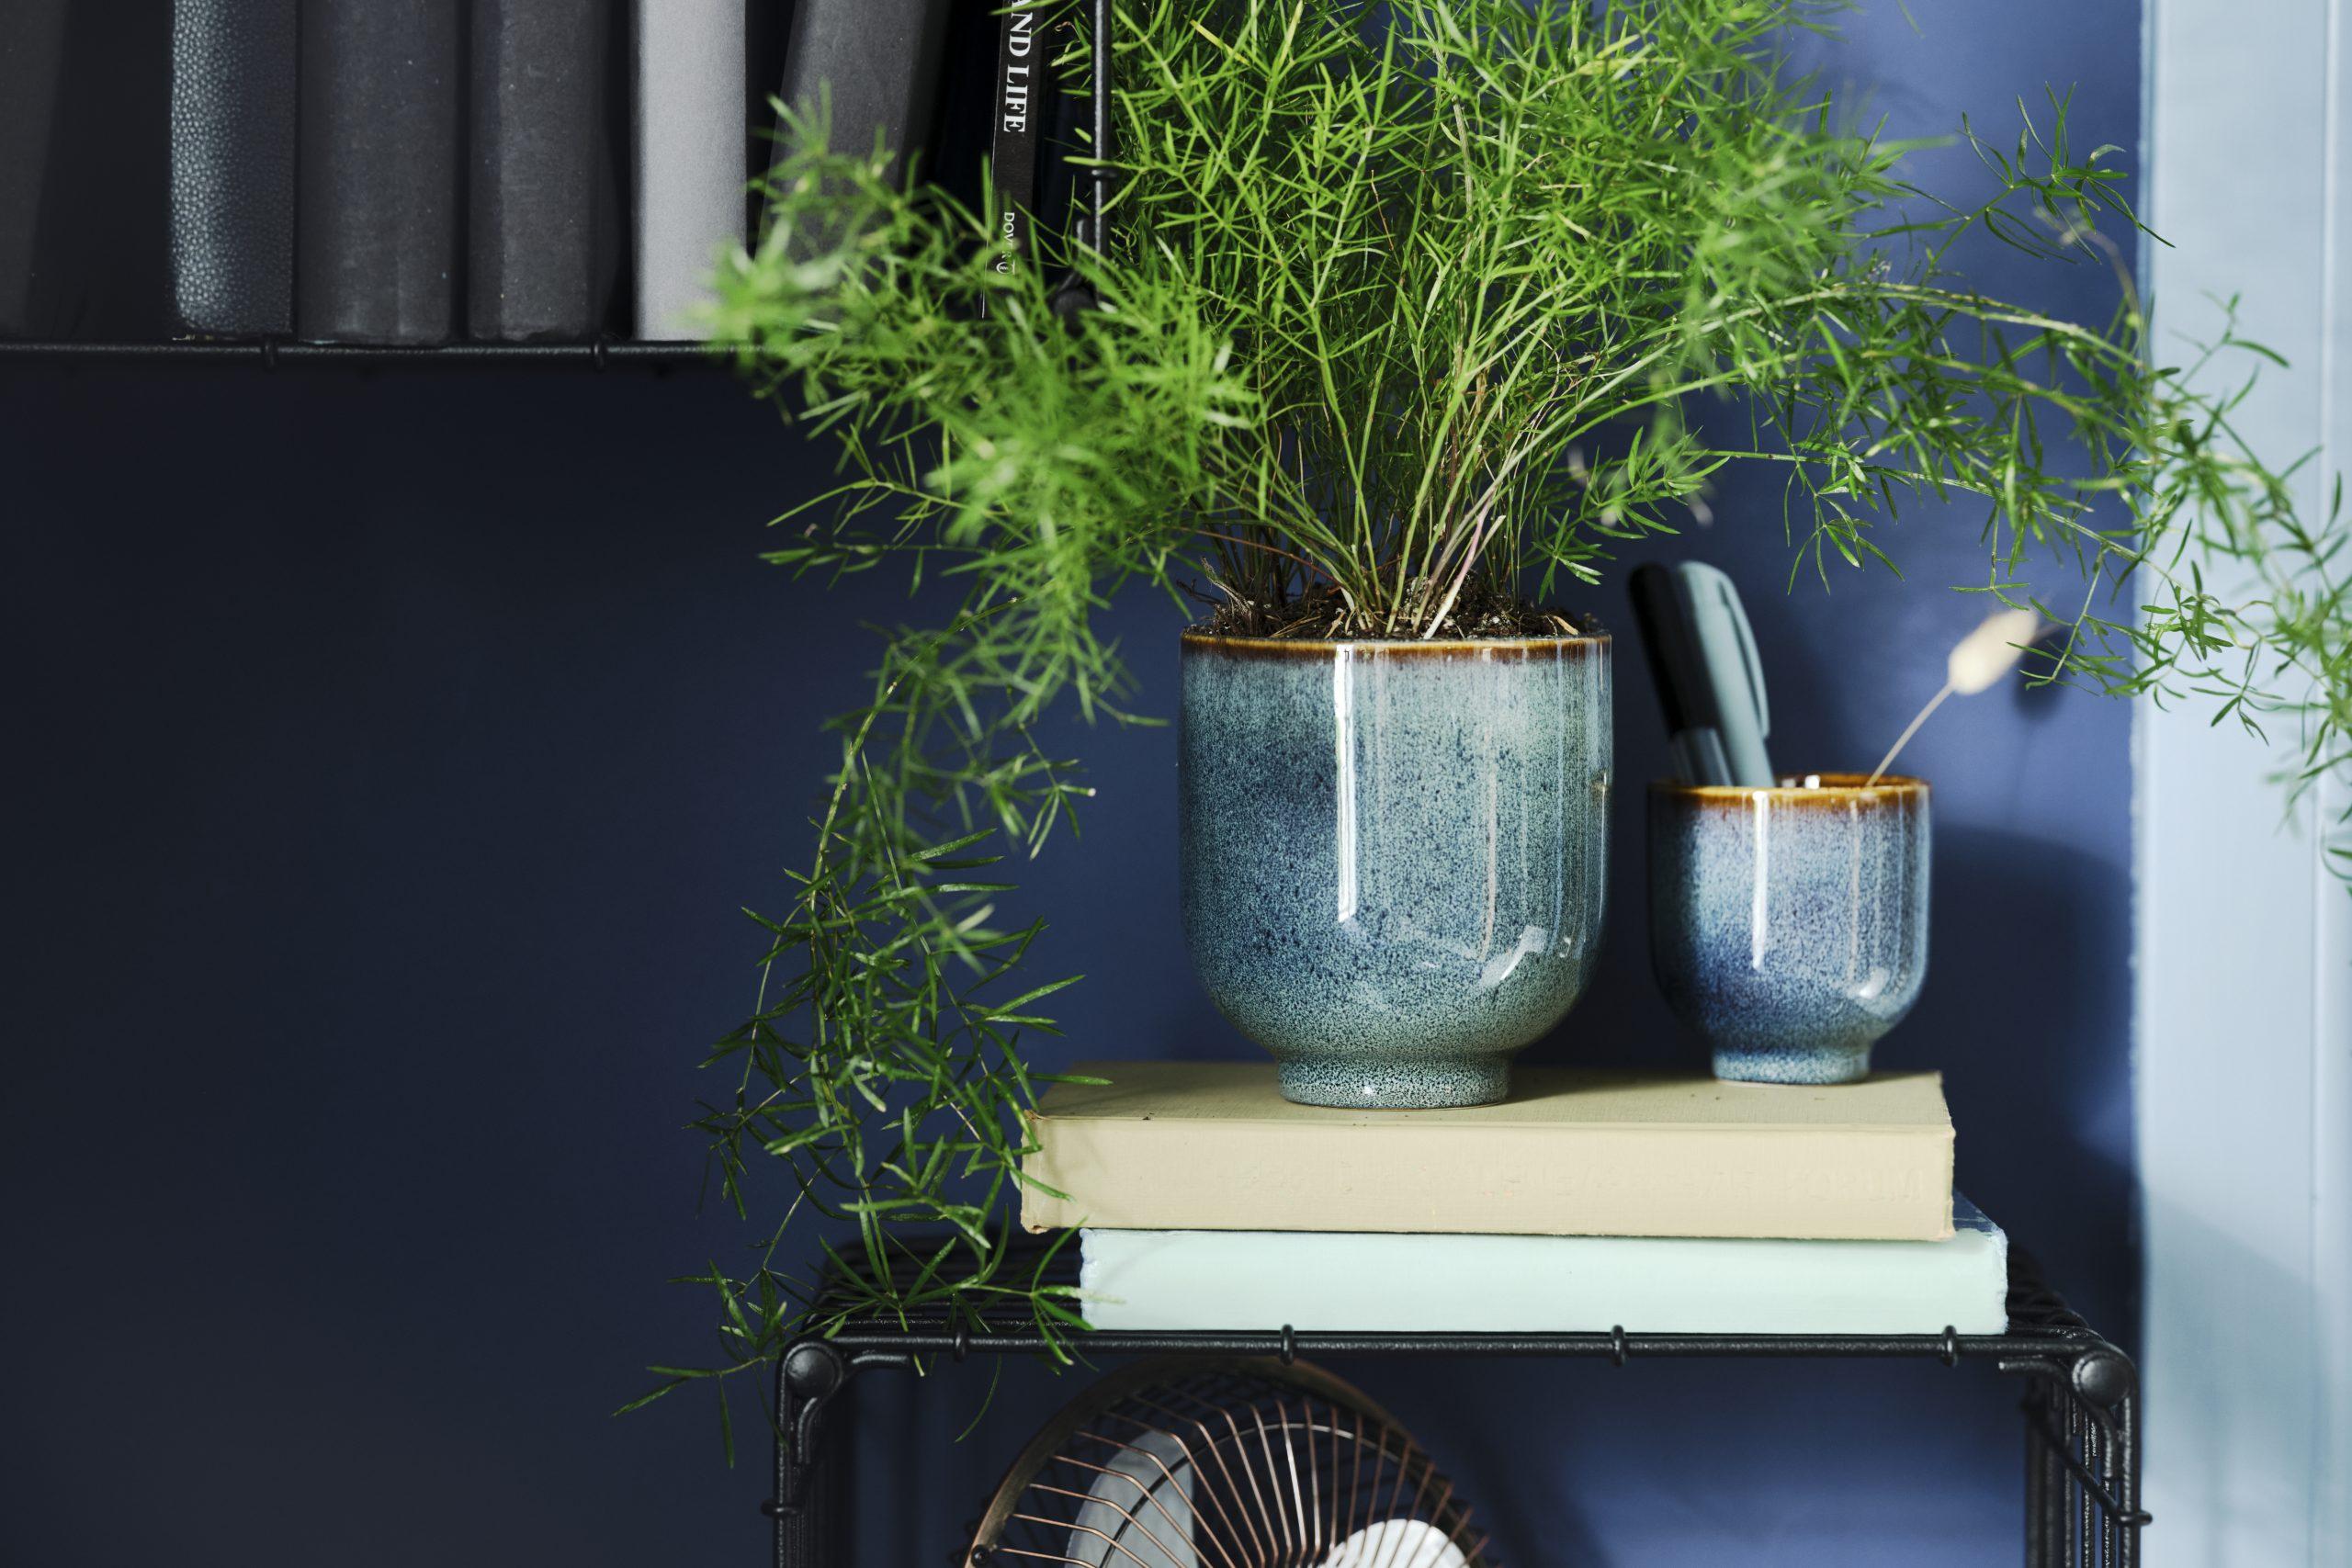 Ikea autumn/winter collection